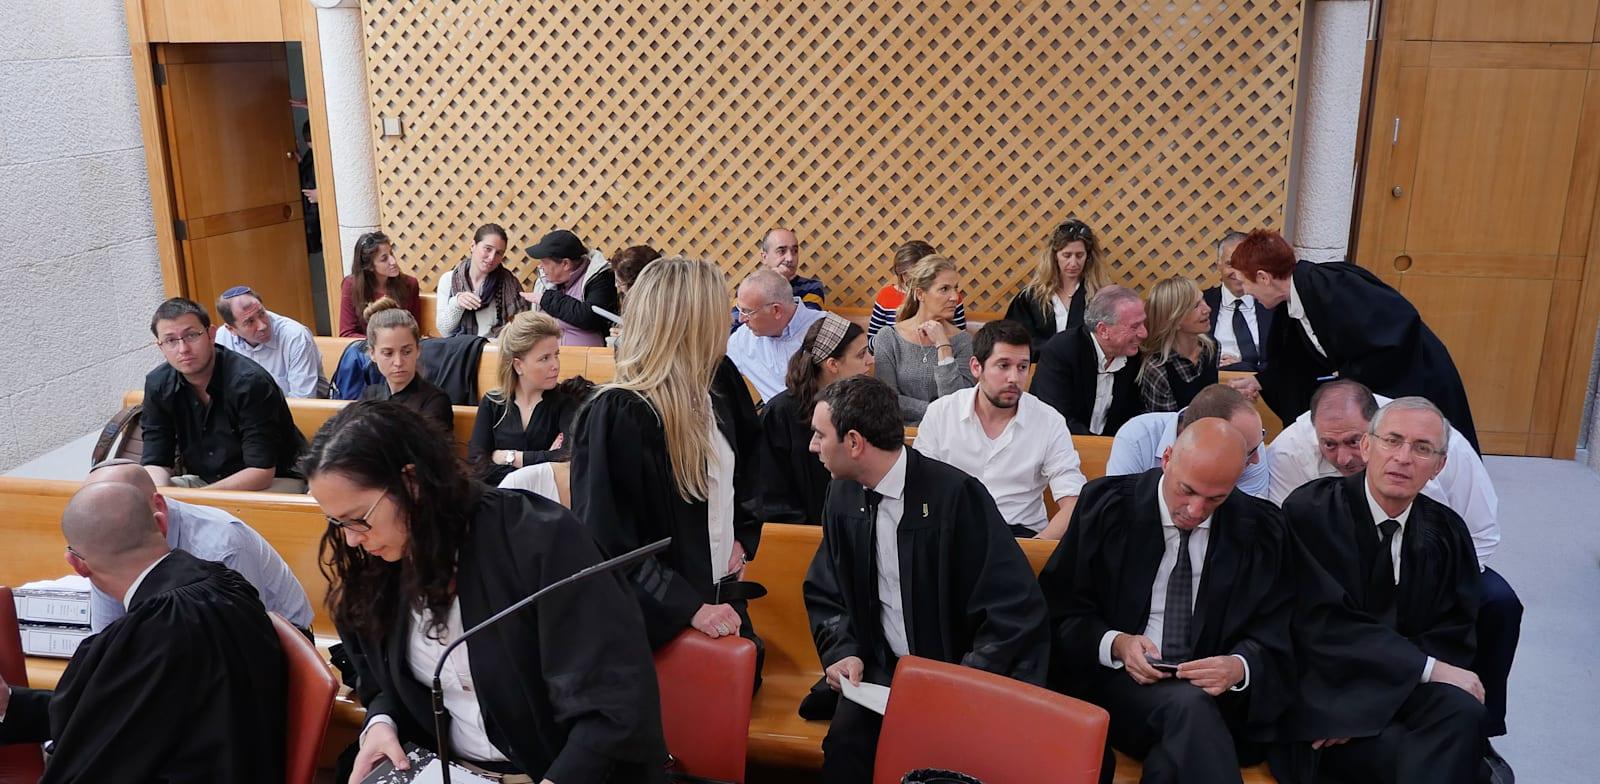 Lawyers Photo: Oria tadmor